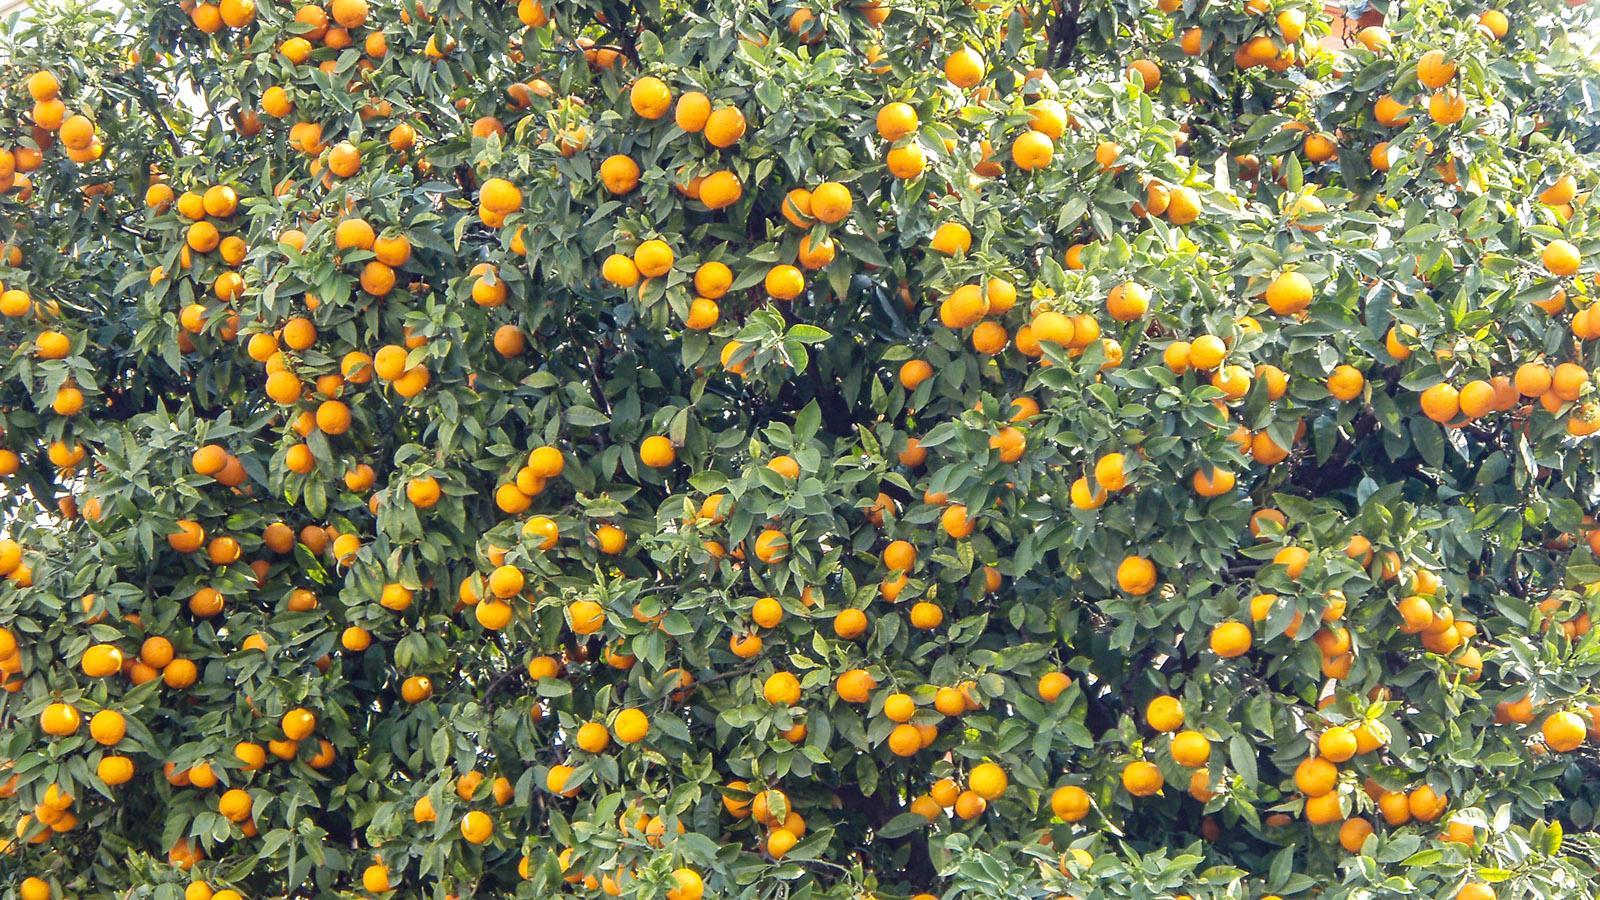 Winter an der Côte d'Azur: Die Orangenbäume sind voller Früchte. Foto: Kerstin Gorges